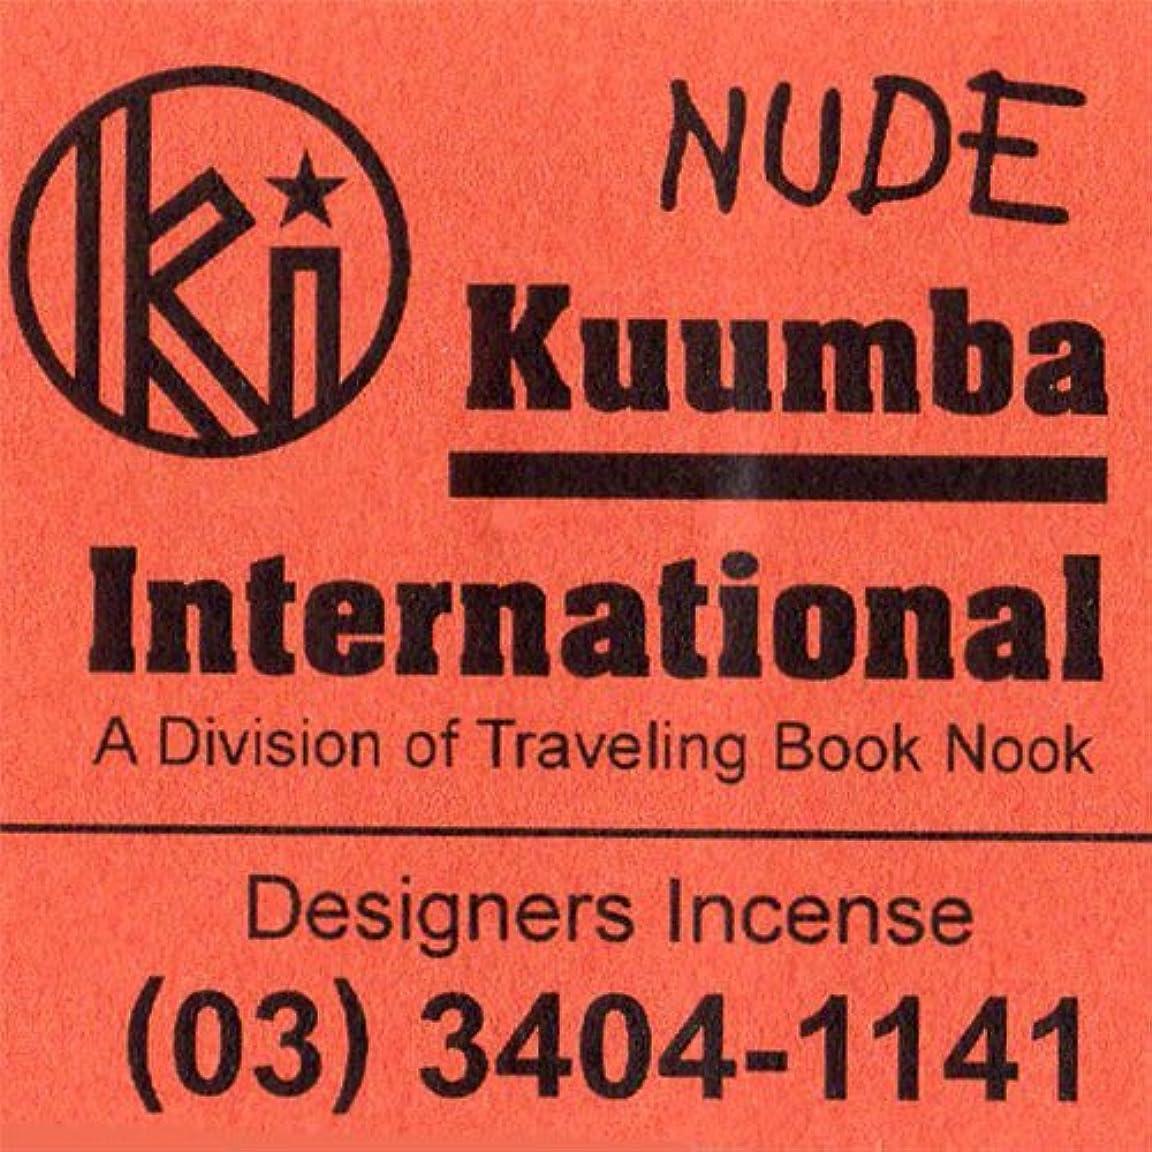 お風呂を持っているファーザーファージュ俳句KUUMBA / クンバ『incense』(NUDE) (Regular size)